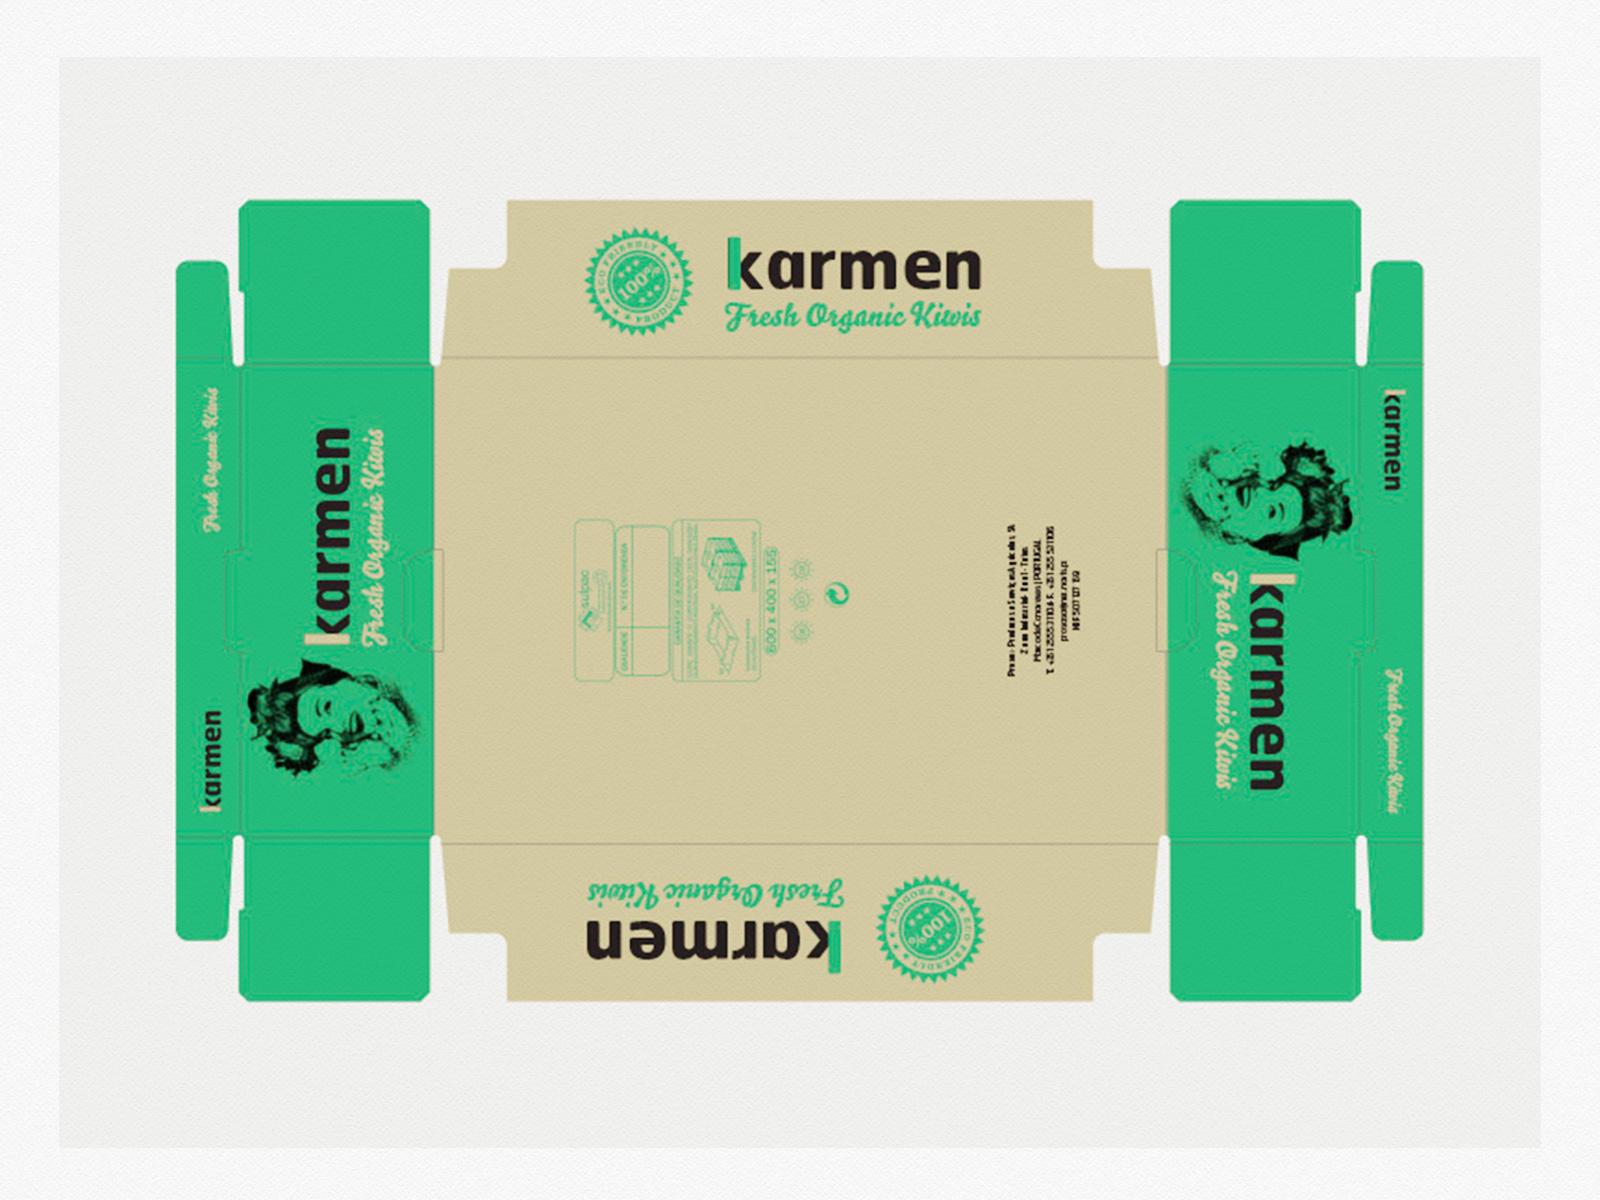 KARMEN - 1